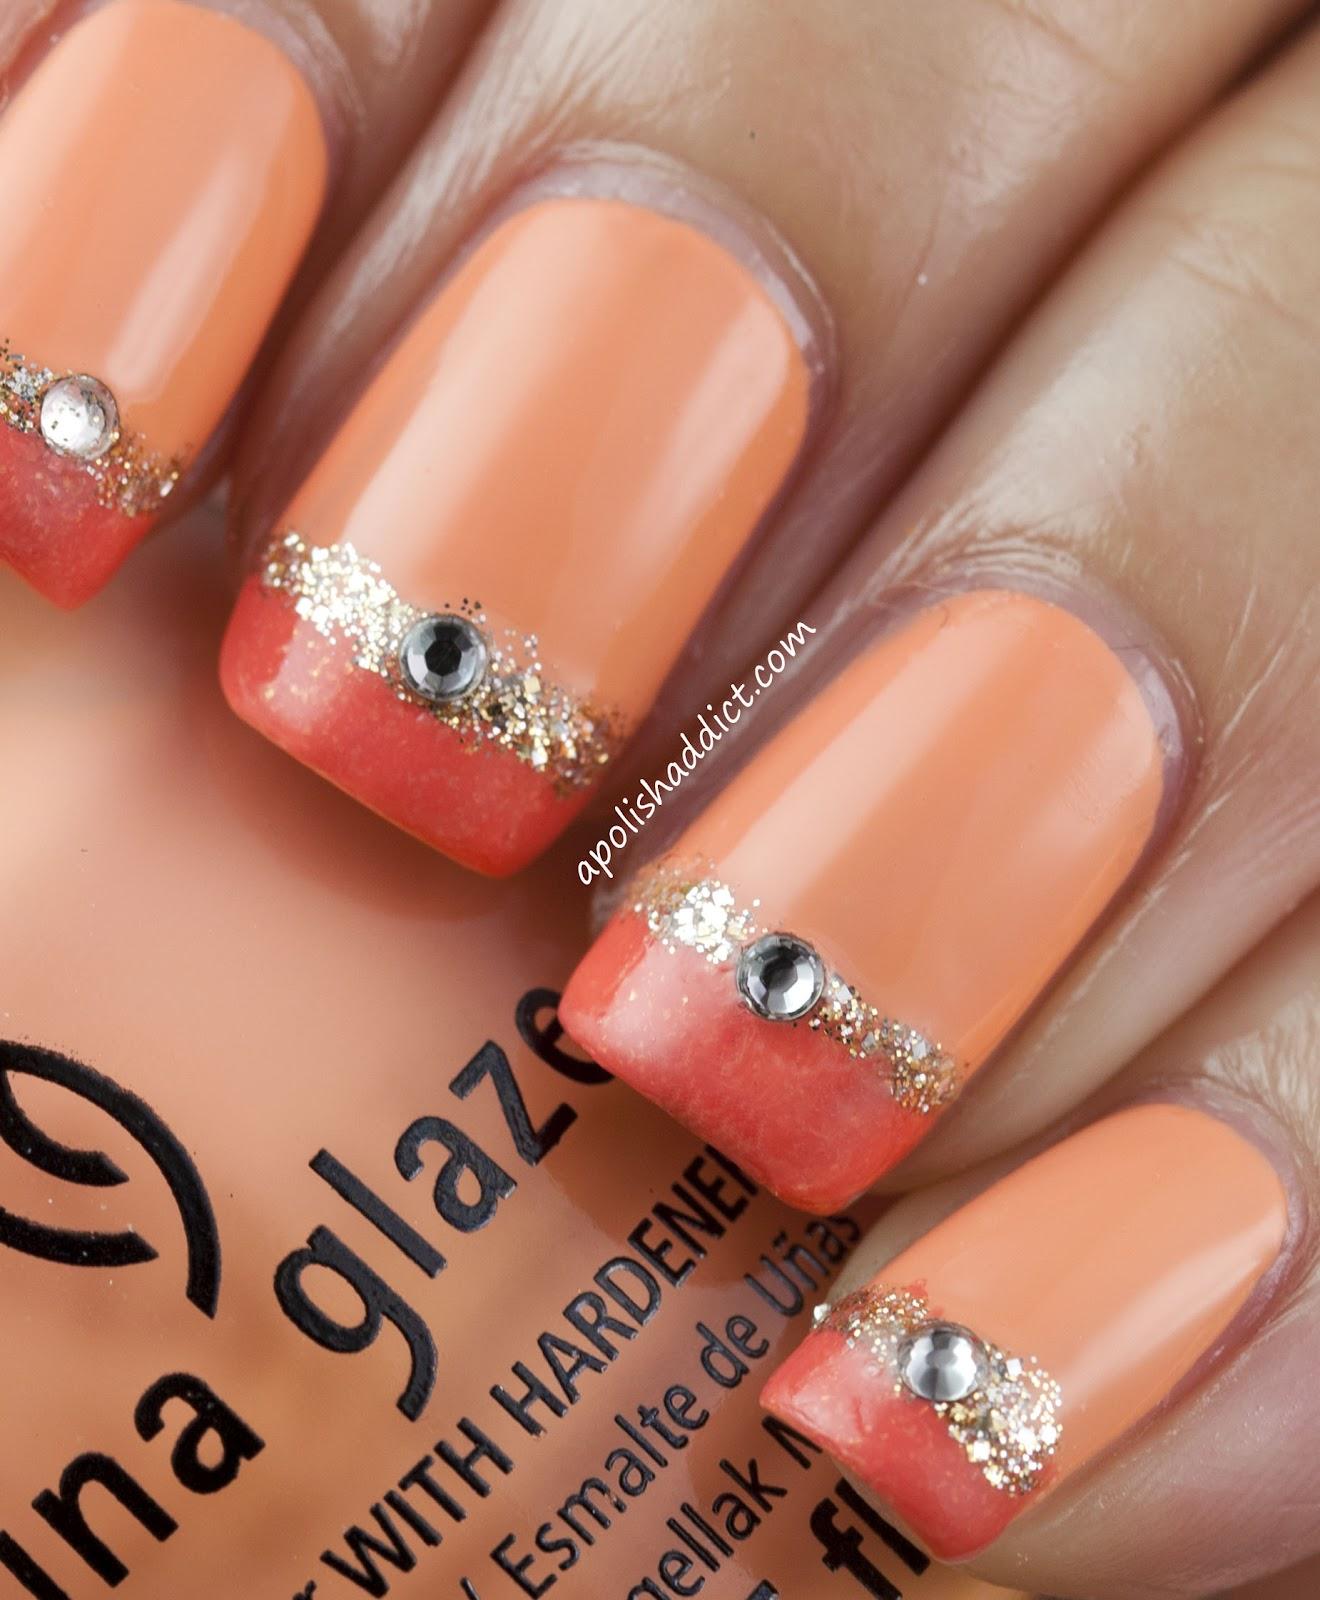 Nail Art Nails 33160725 1320 1600